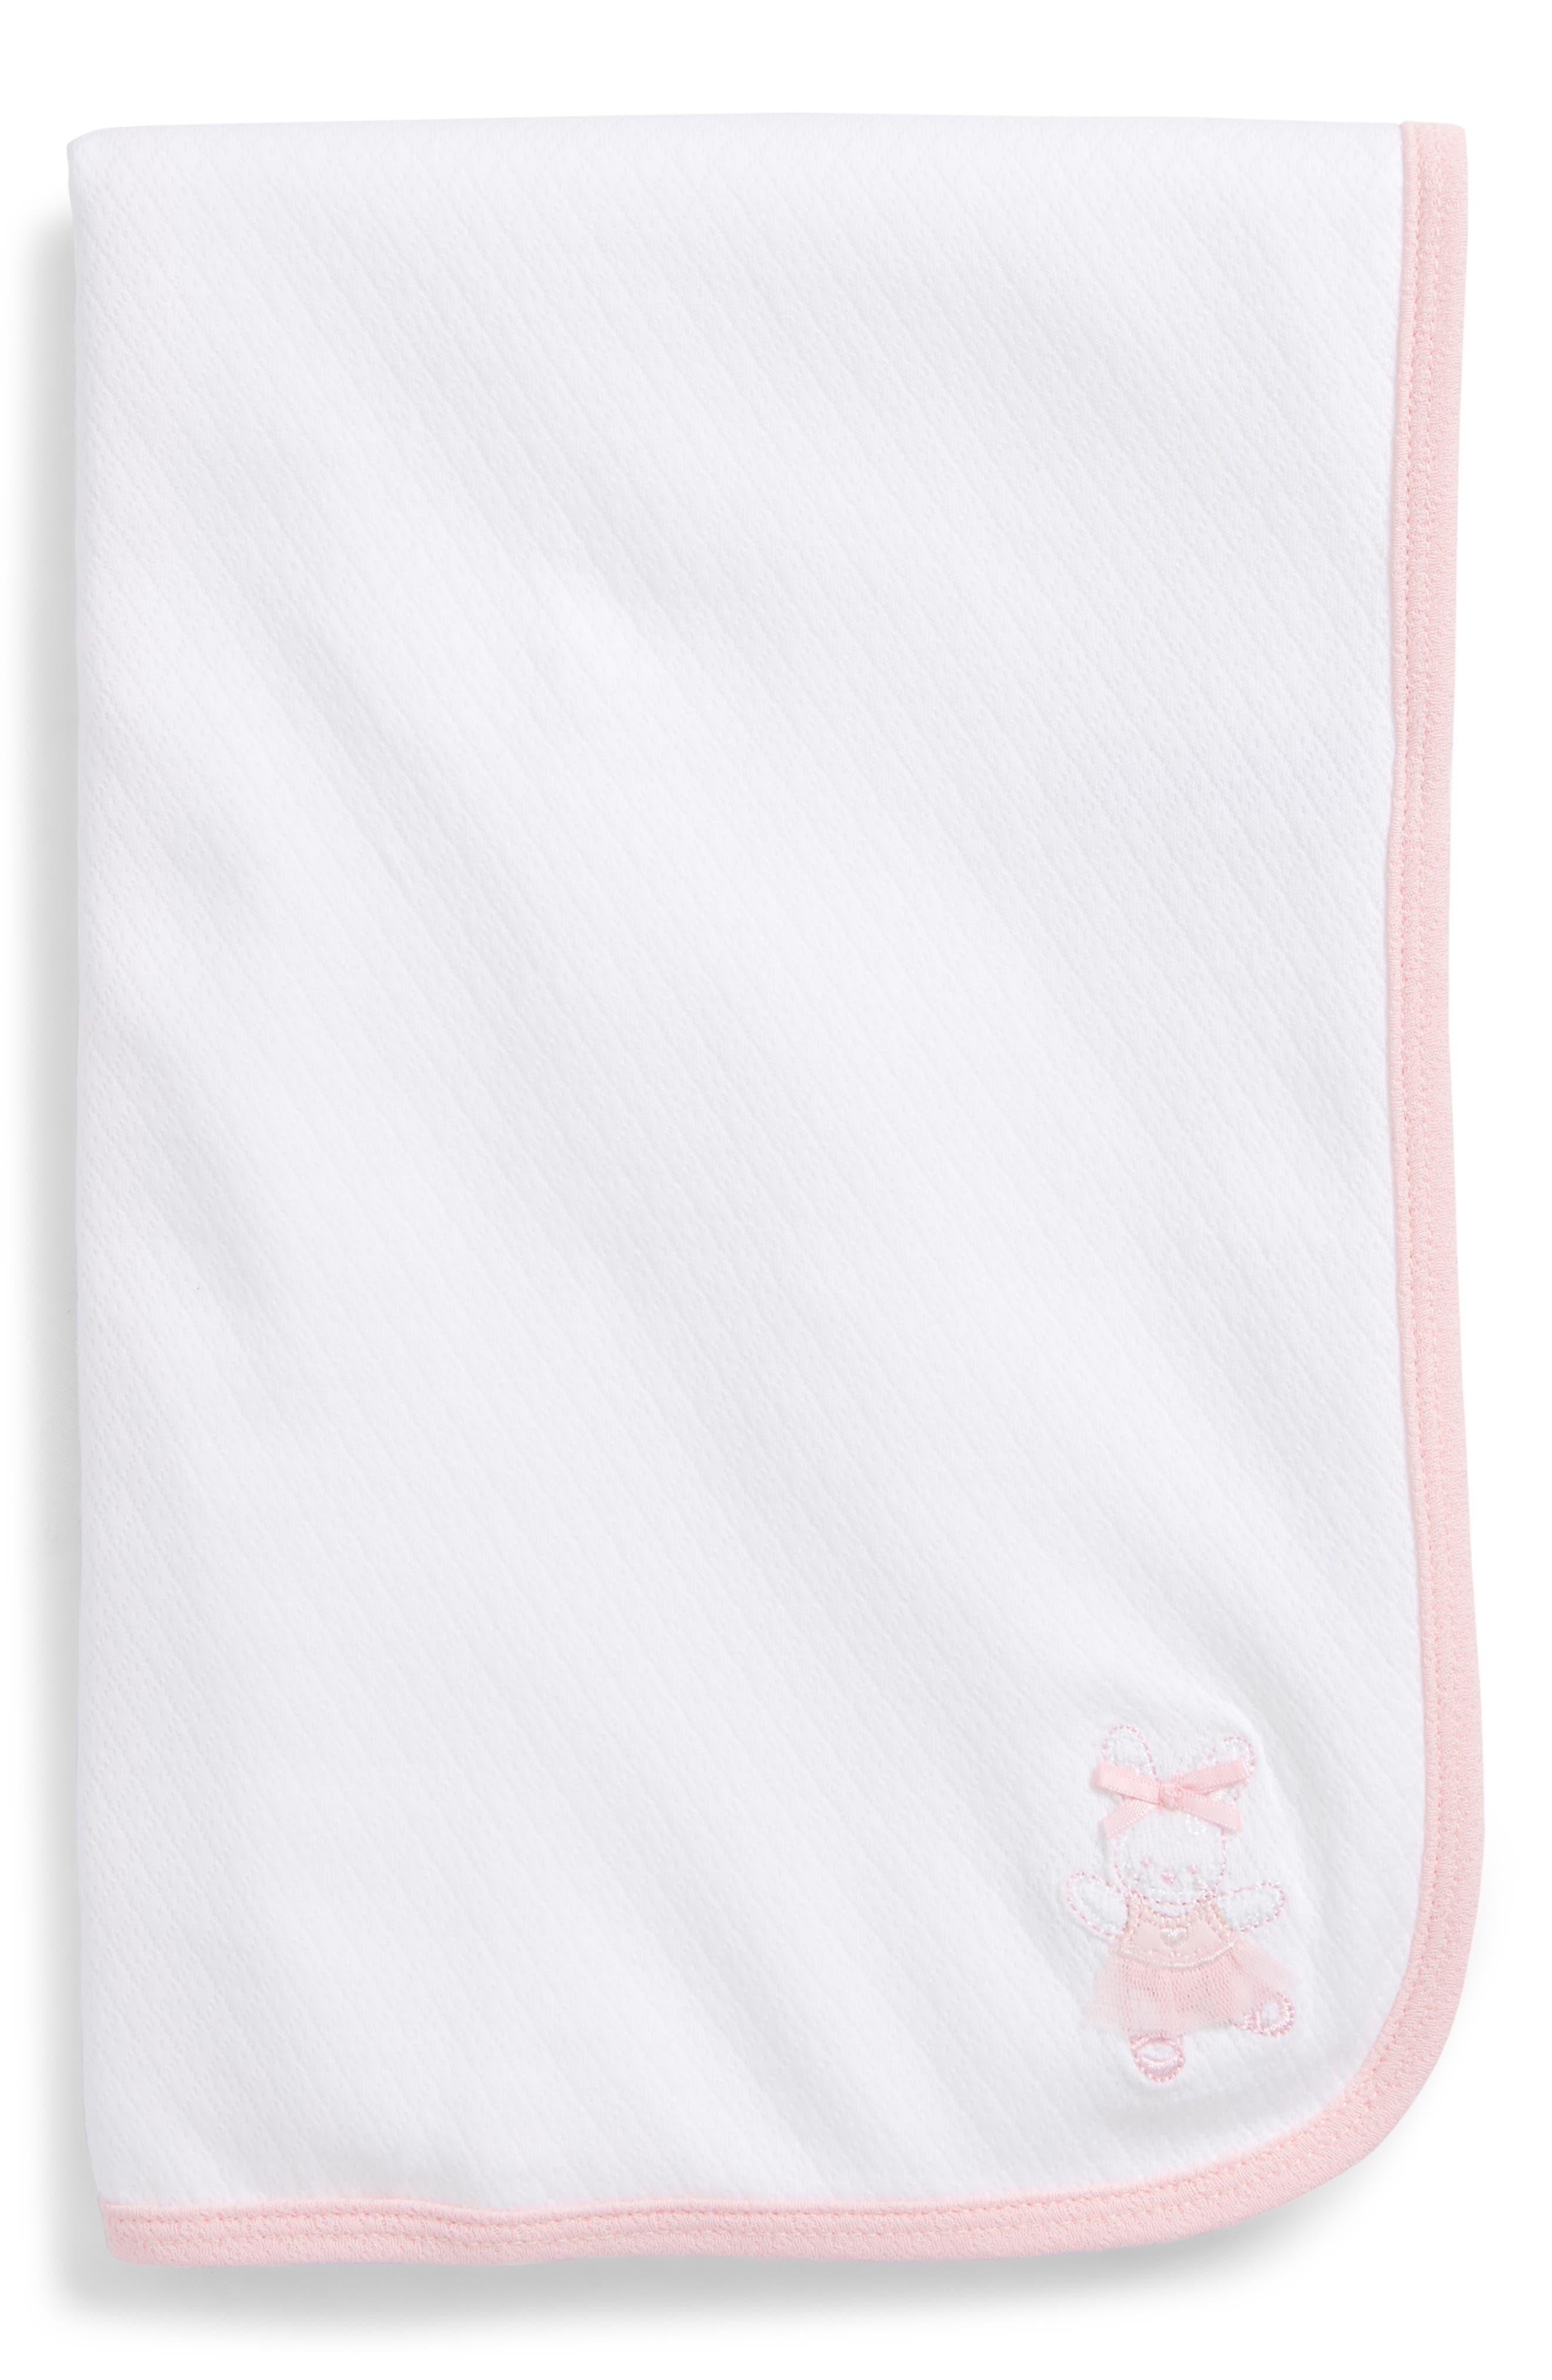 Main Image - Little Me Ballet Bunny Receiving Blanket (Baby) (Nordstrom Exclusive)